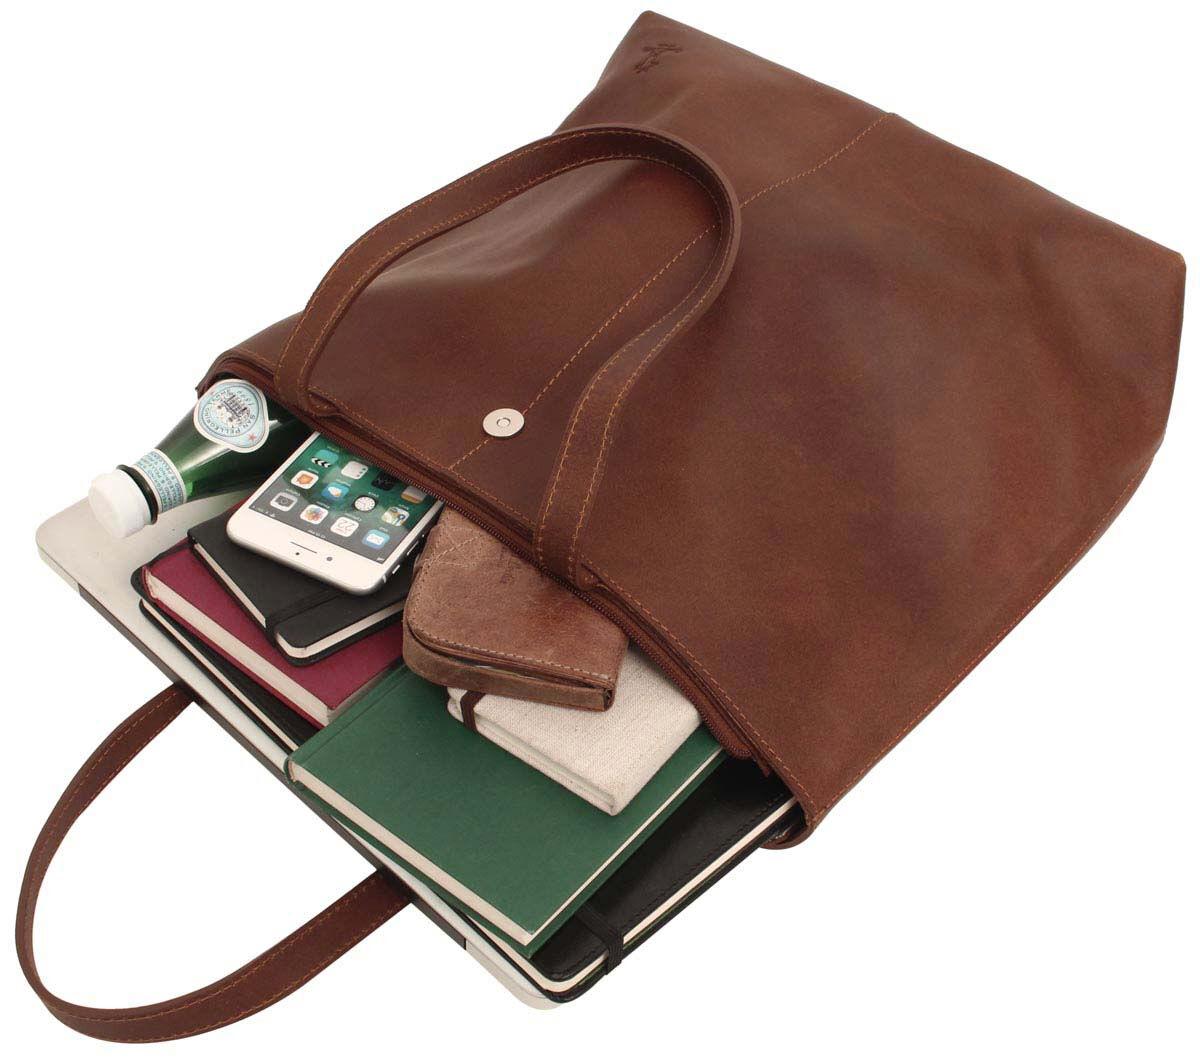 Outlet Handtasche – Verfärbungen – kleinere Lederfehler - ansonsten neu – siehe Video